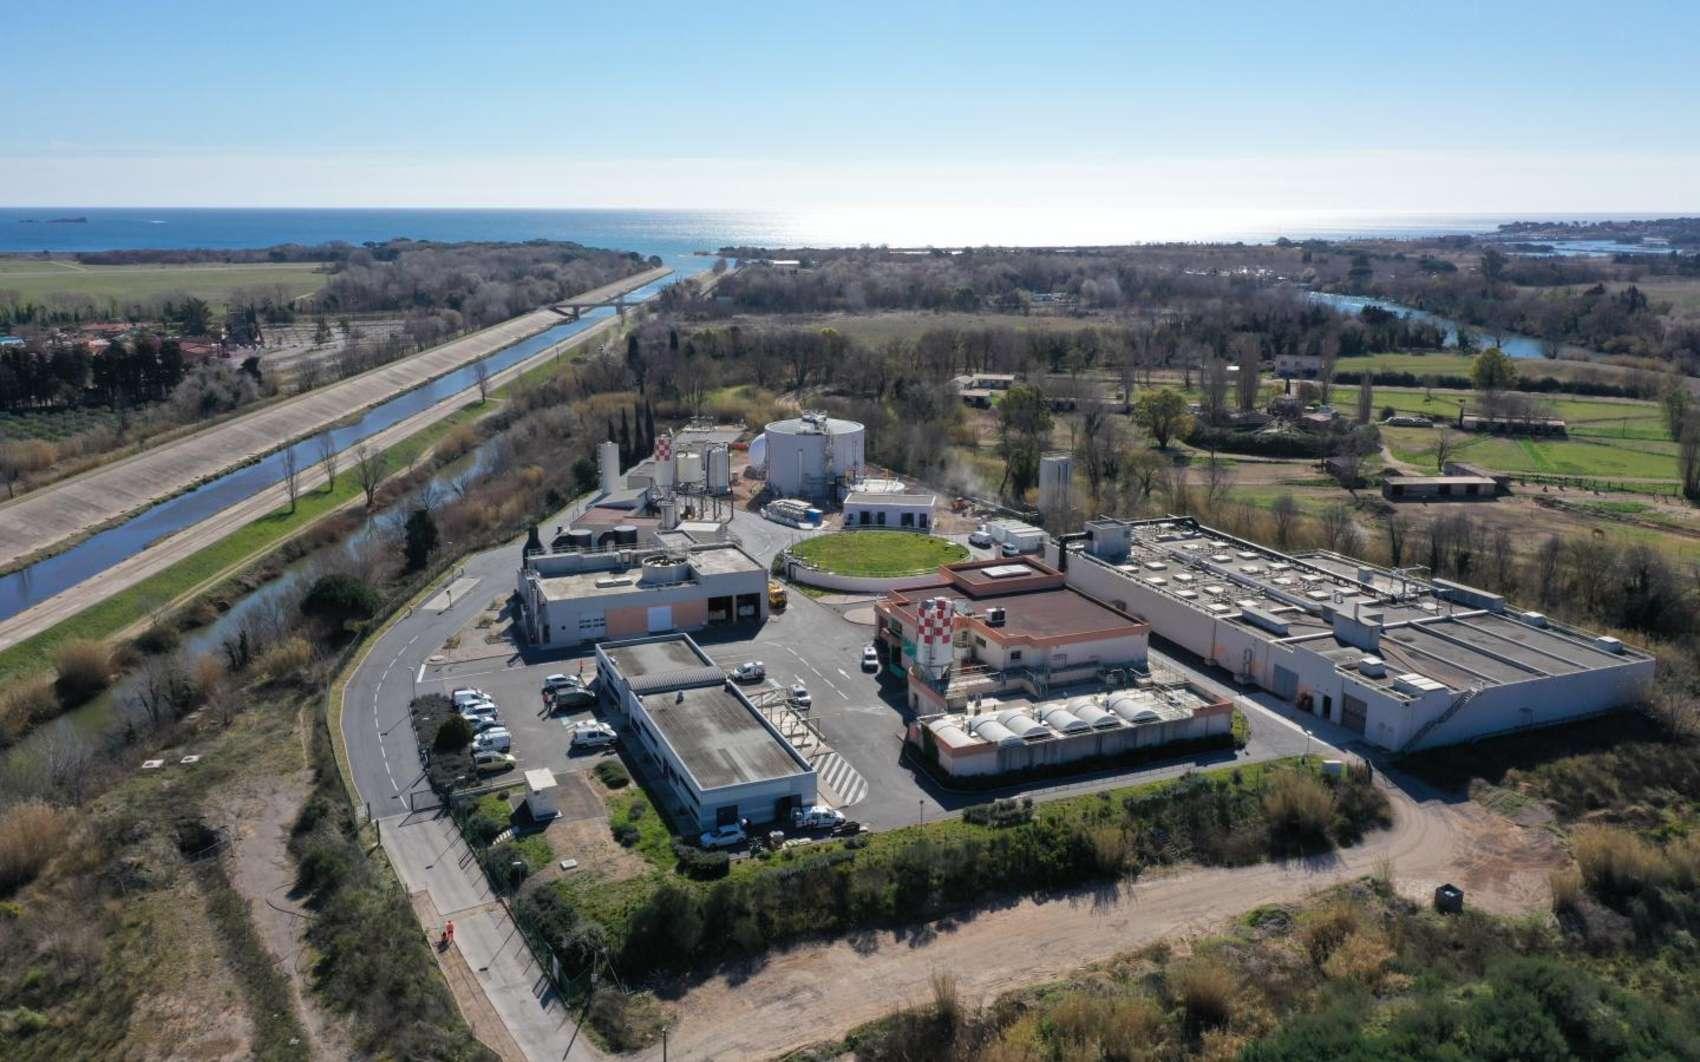 Vue aérienne de la station d'épuration du Reyran basée à Fréjus. © Step du Reyran